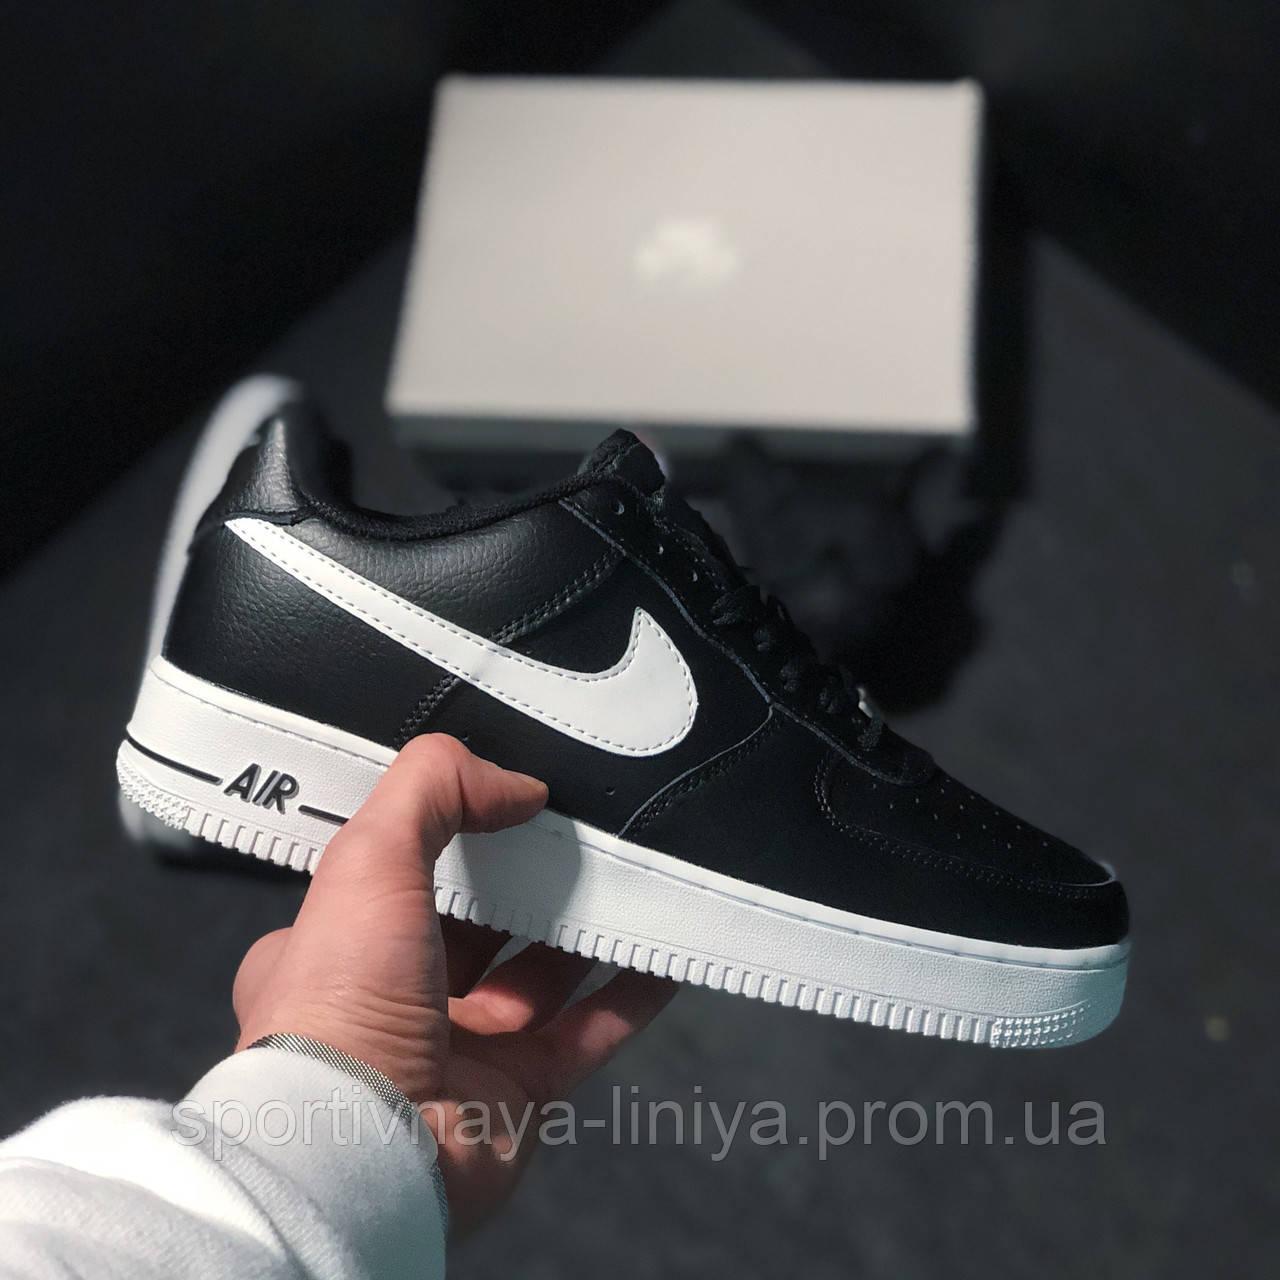 22726ef5 Кроссовки мужские черные Nike Air Force 1 Low black white (реплика) -  Магазин стильной